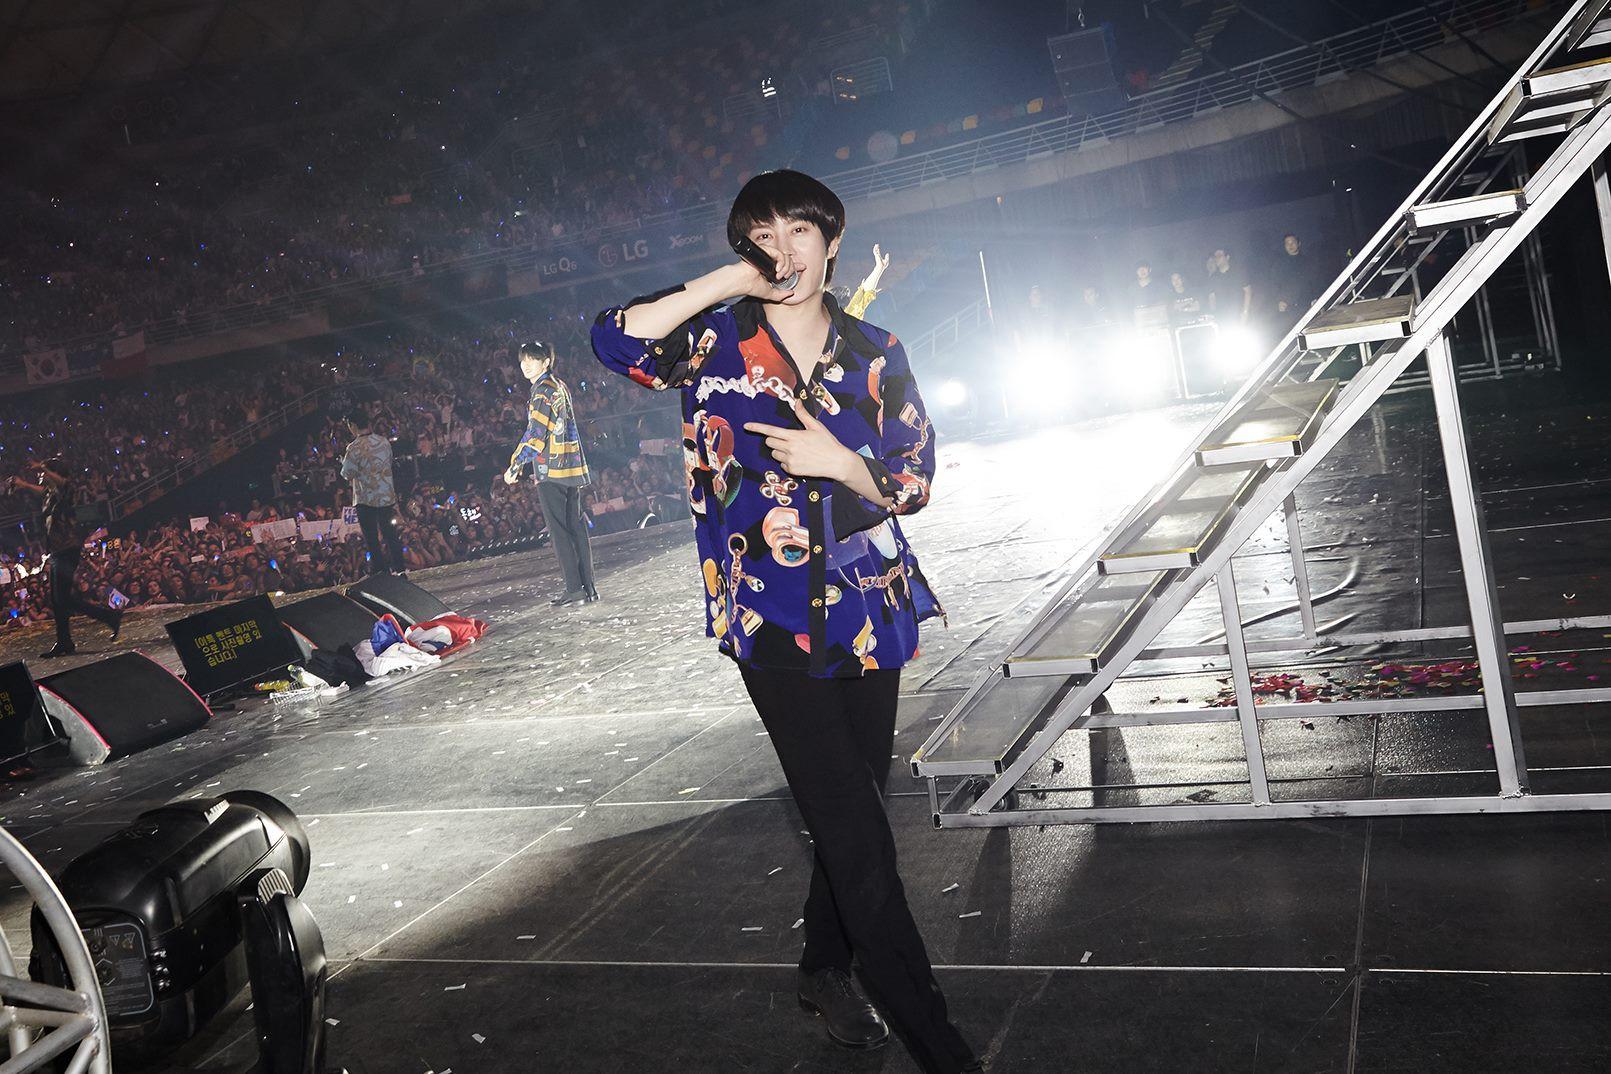 Super Junior cho fan ná thở với loạt ảnh lung linh từ tour thế giới - Ảnh 2.